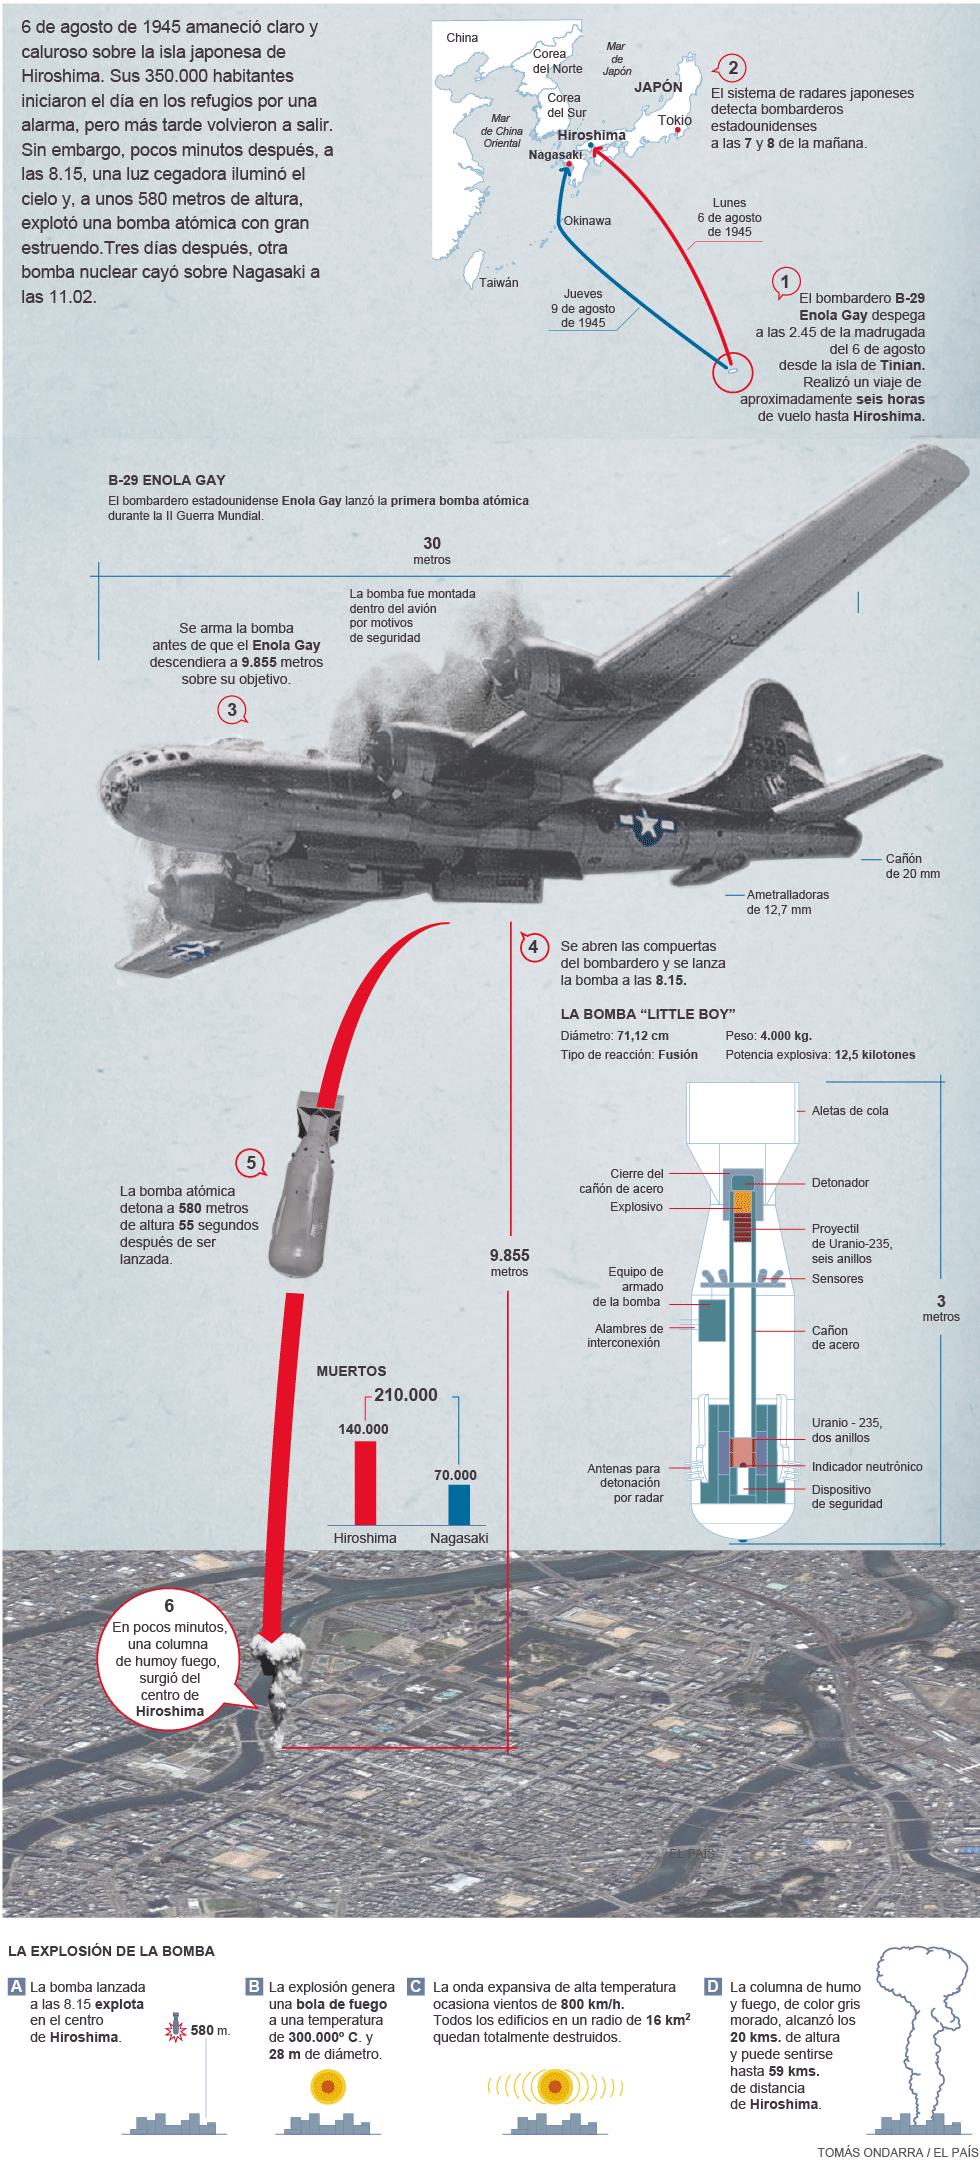 La bomba aniversario de neon - 2 6